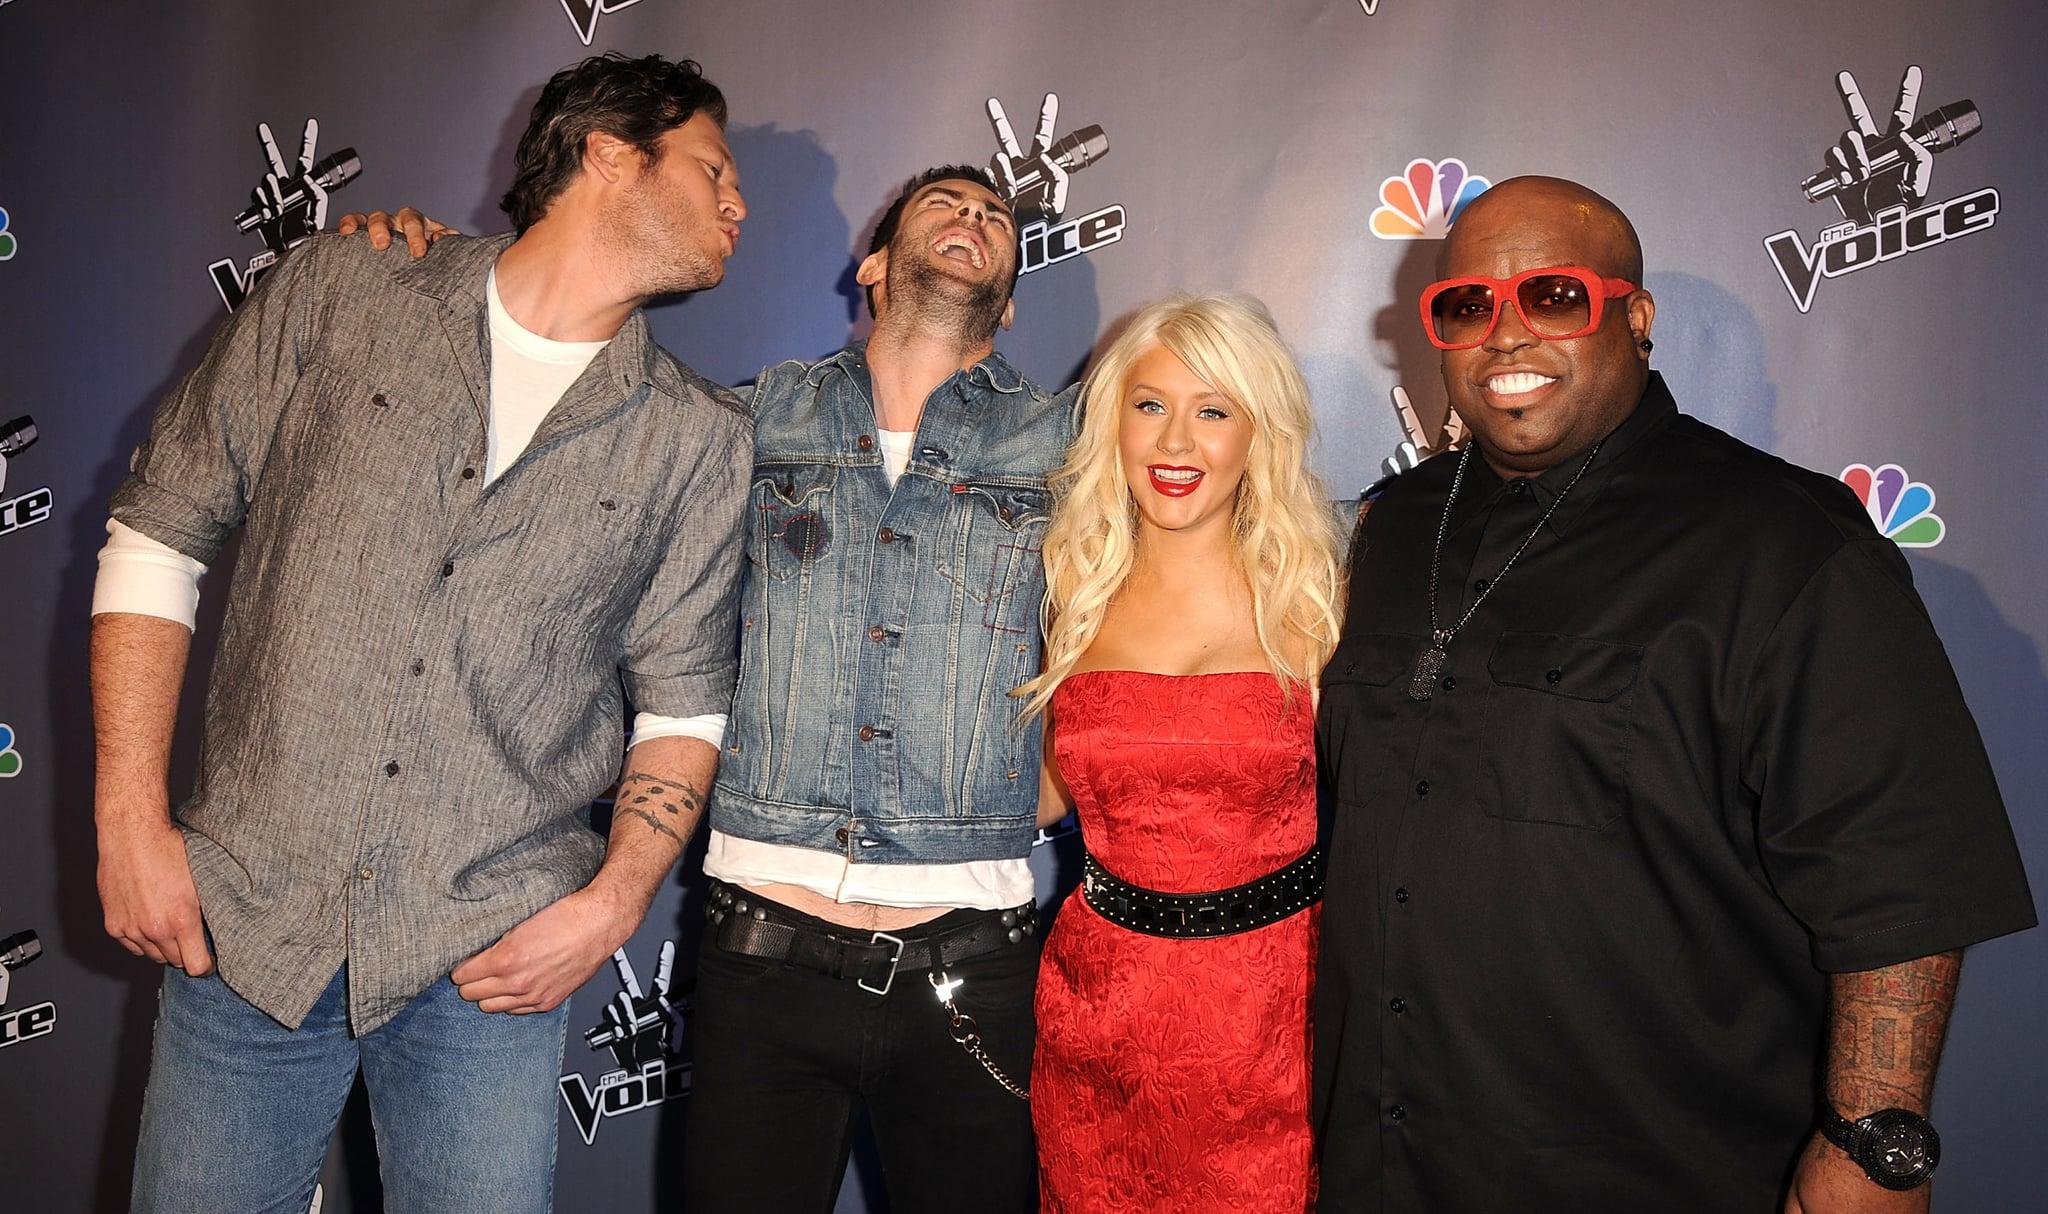 (L-R) Blake Shelton, Adam Levine, Christina Aguilera and Cee-Lo attends NBC's